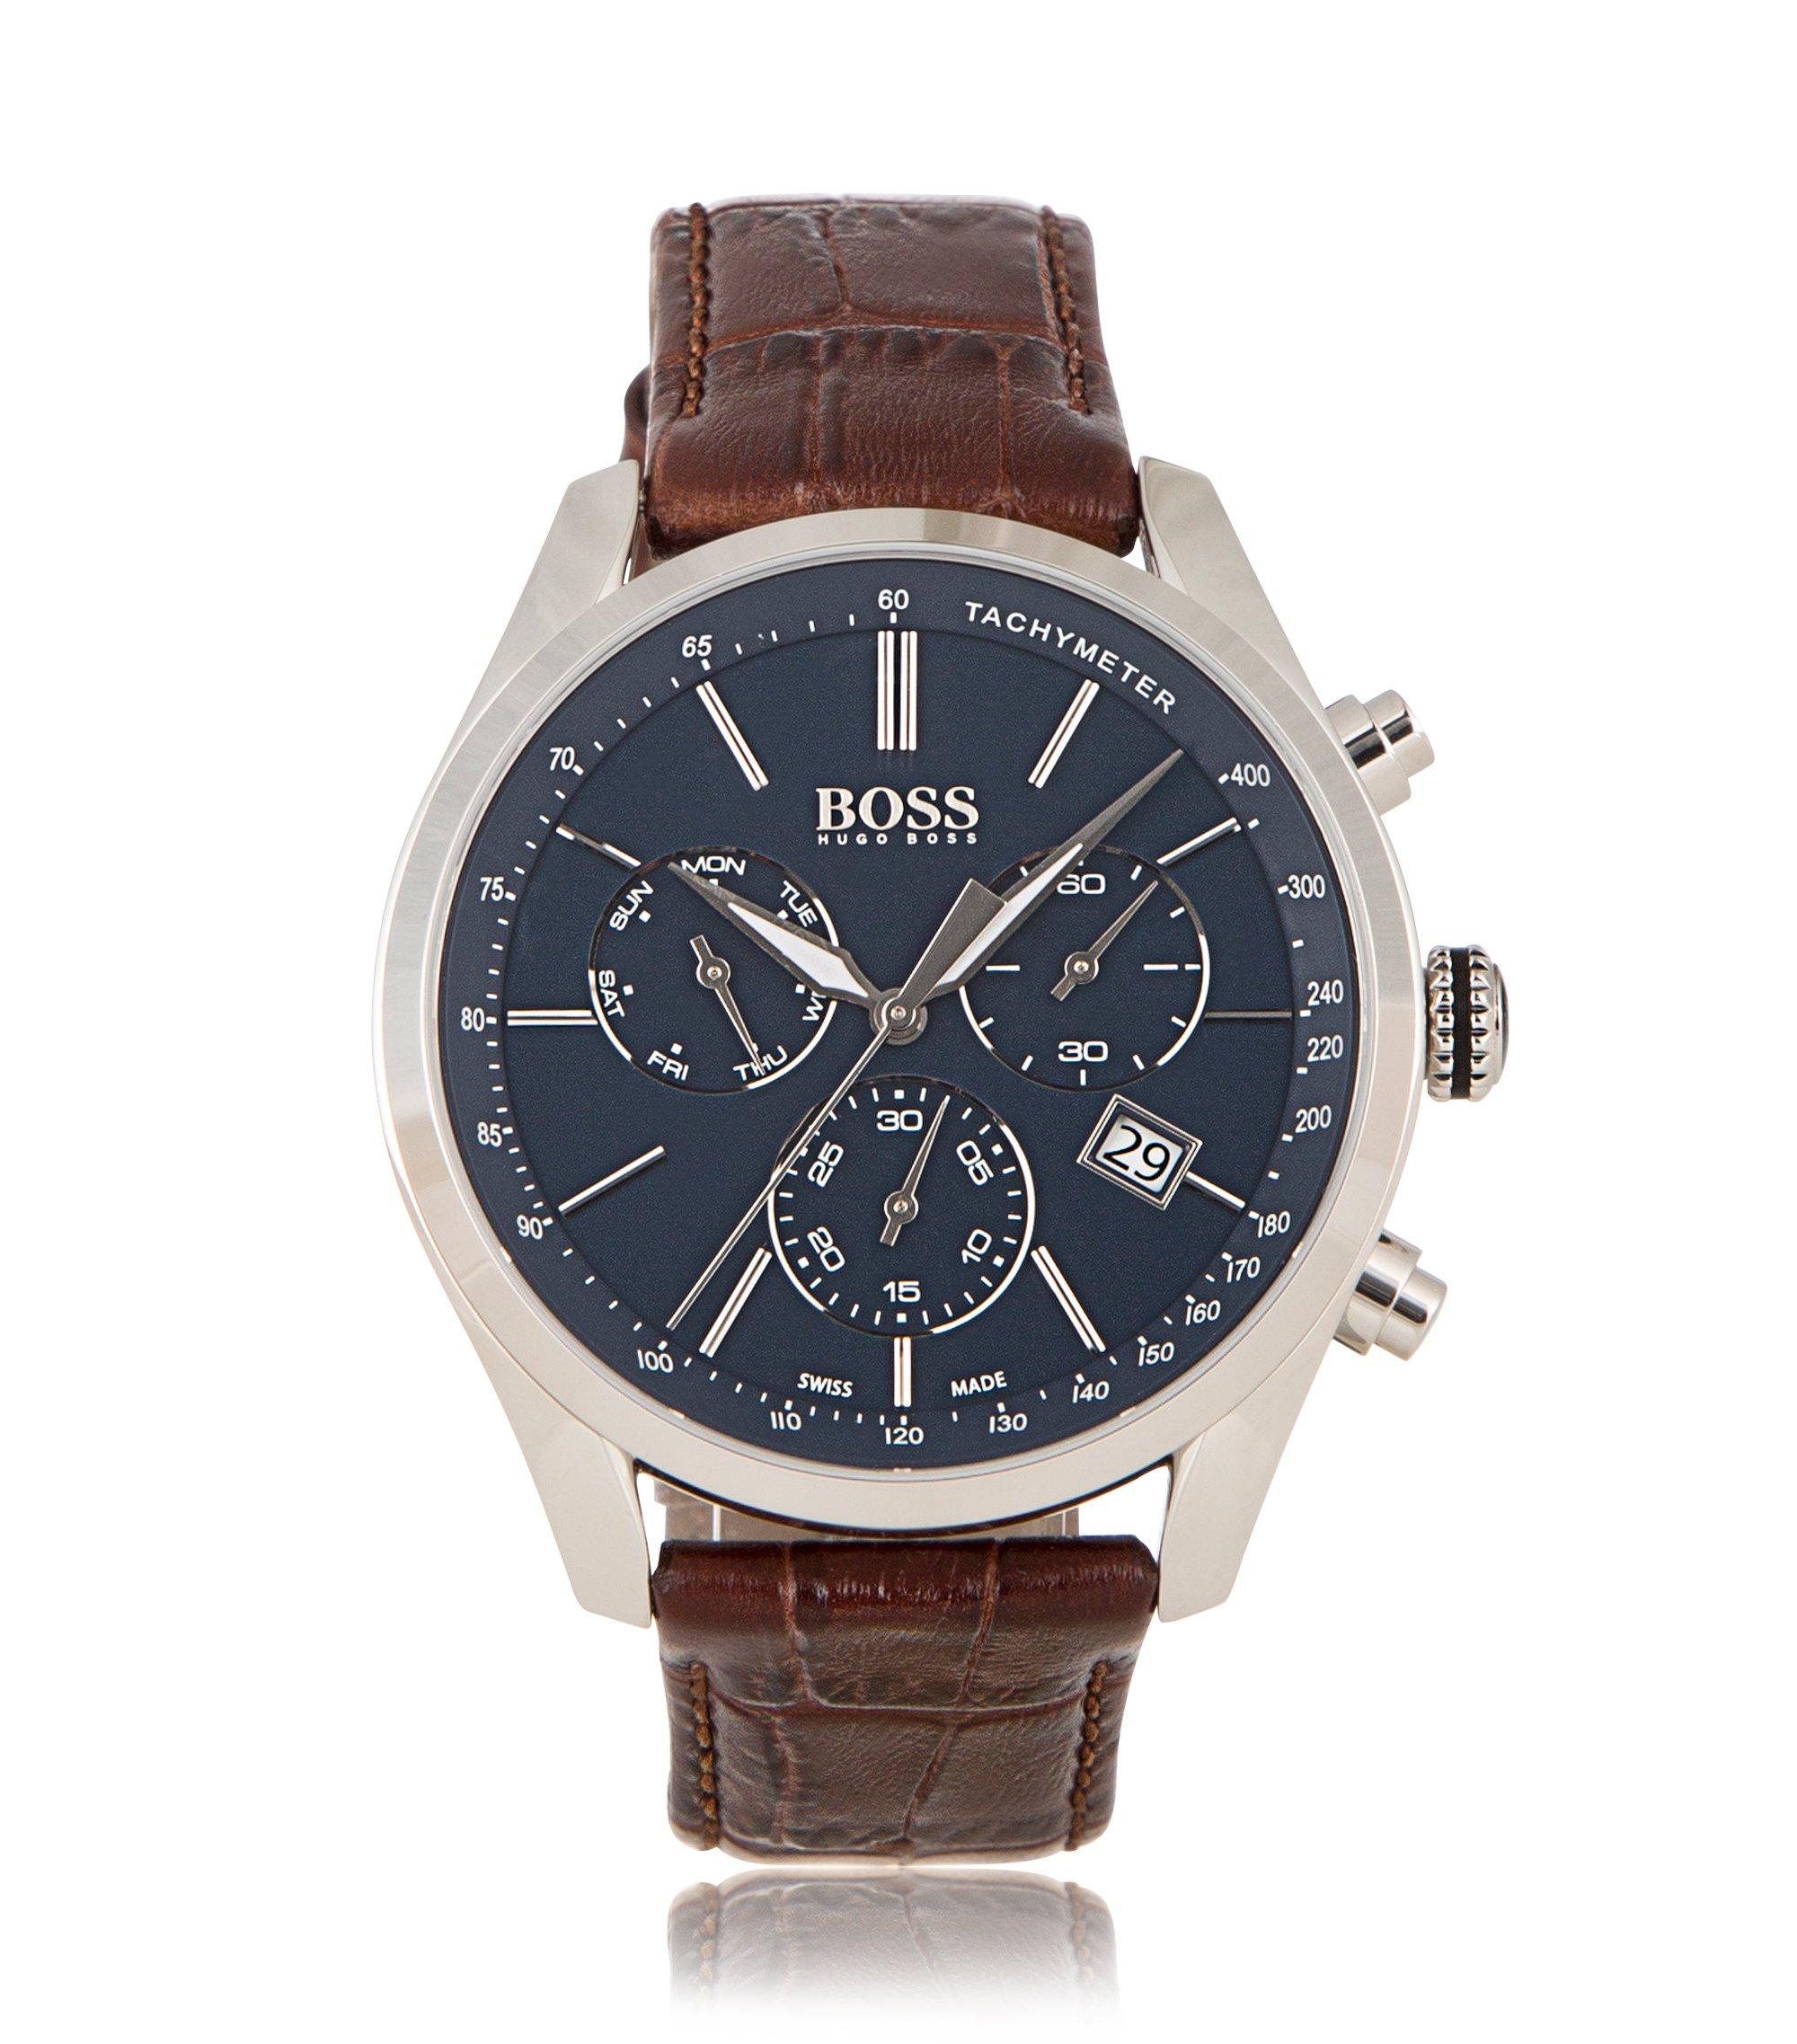 Uhr aus Edelstahl mit drei Zeigern und Armband aus italienischem Leder, Braun